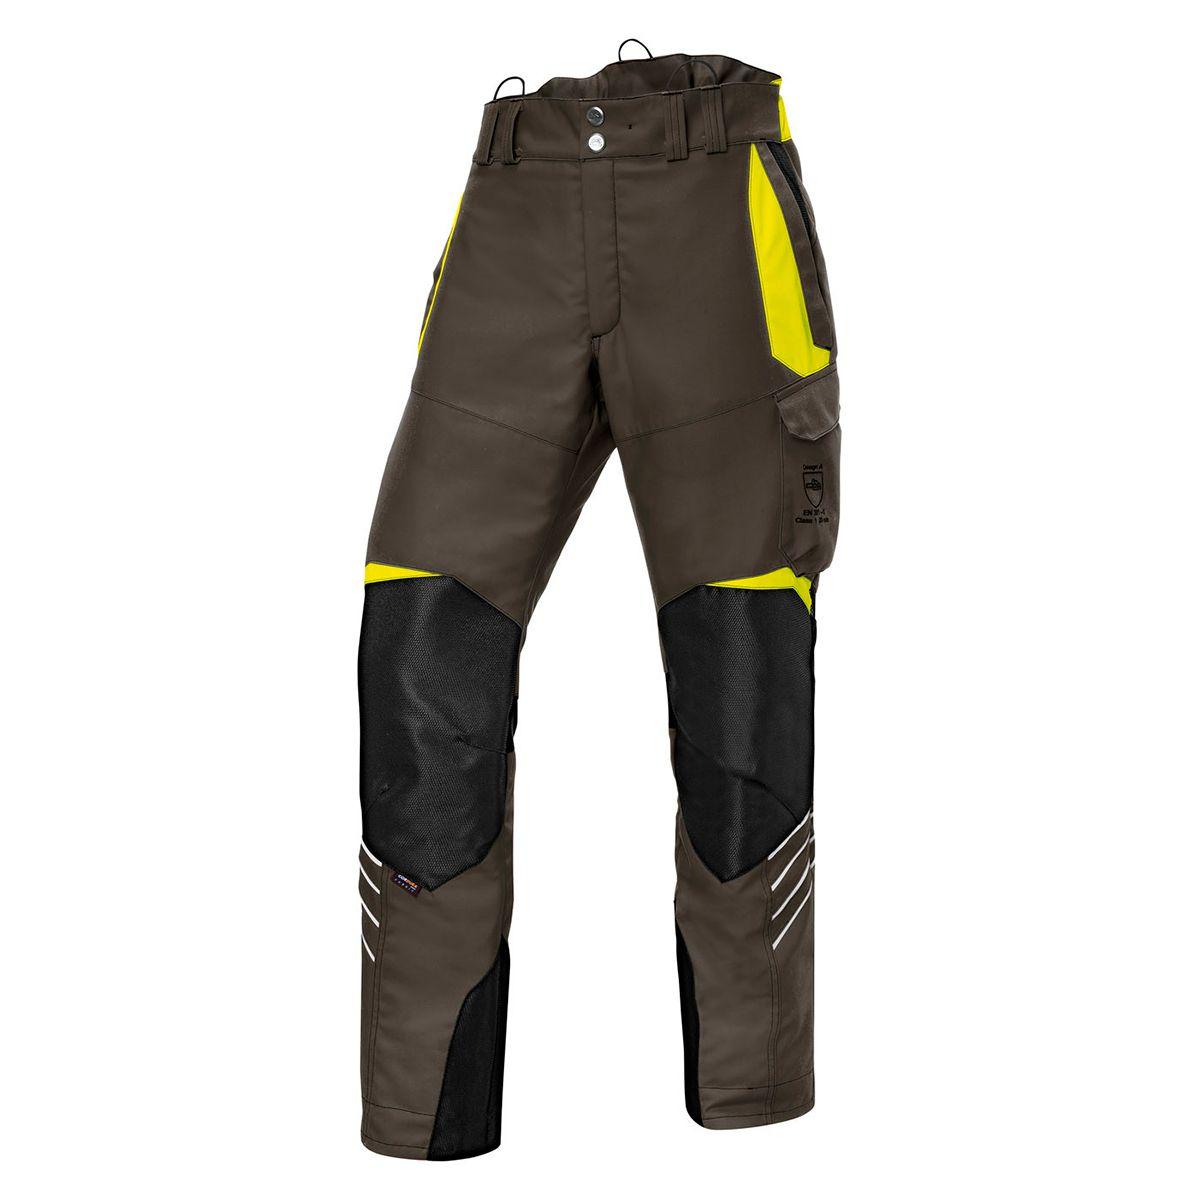 Kubler pantalon anticoupure vert